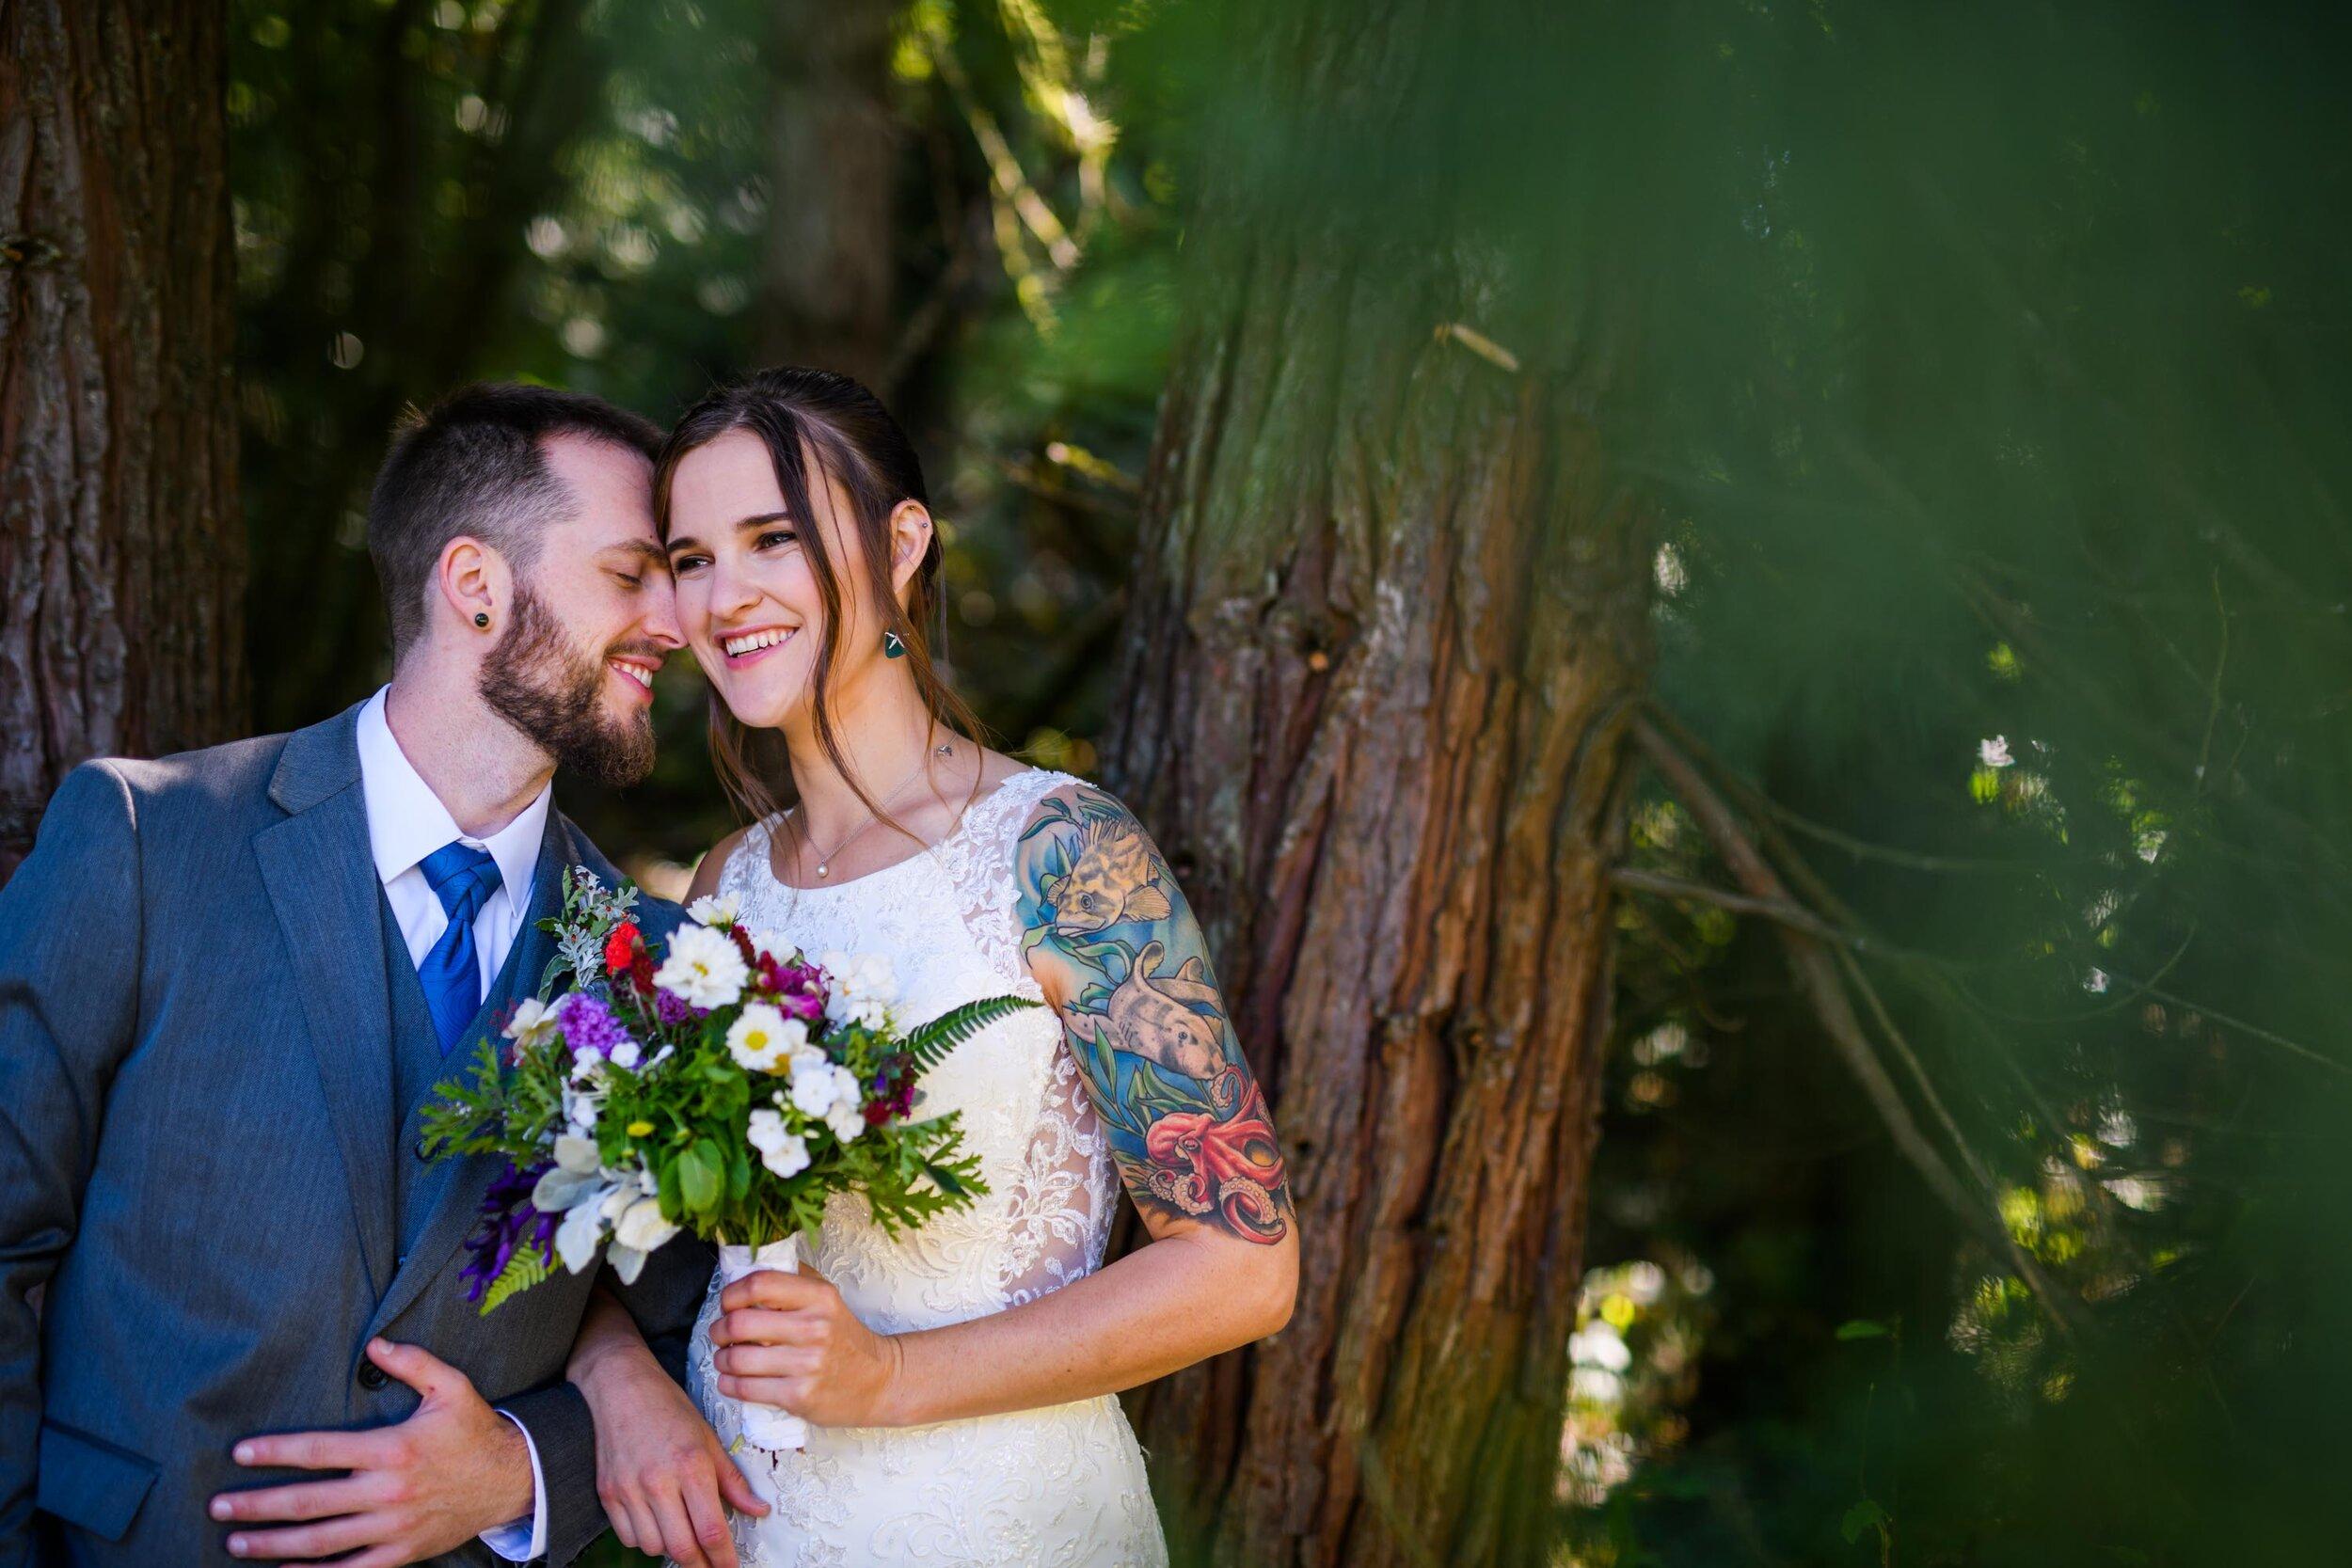 Mt. Pisgah Arboretum wedding photos 43.JPG